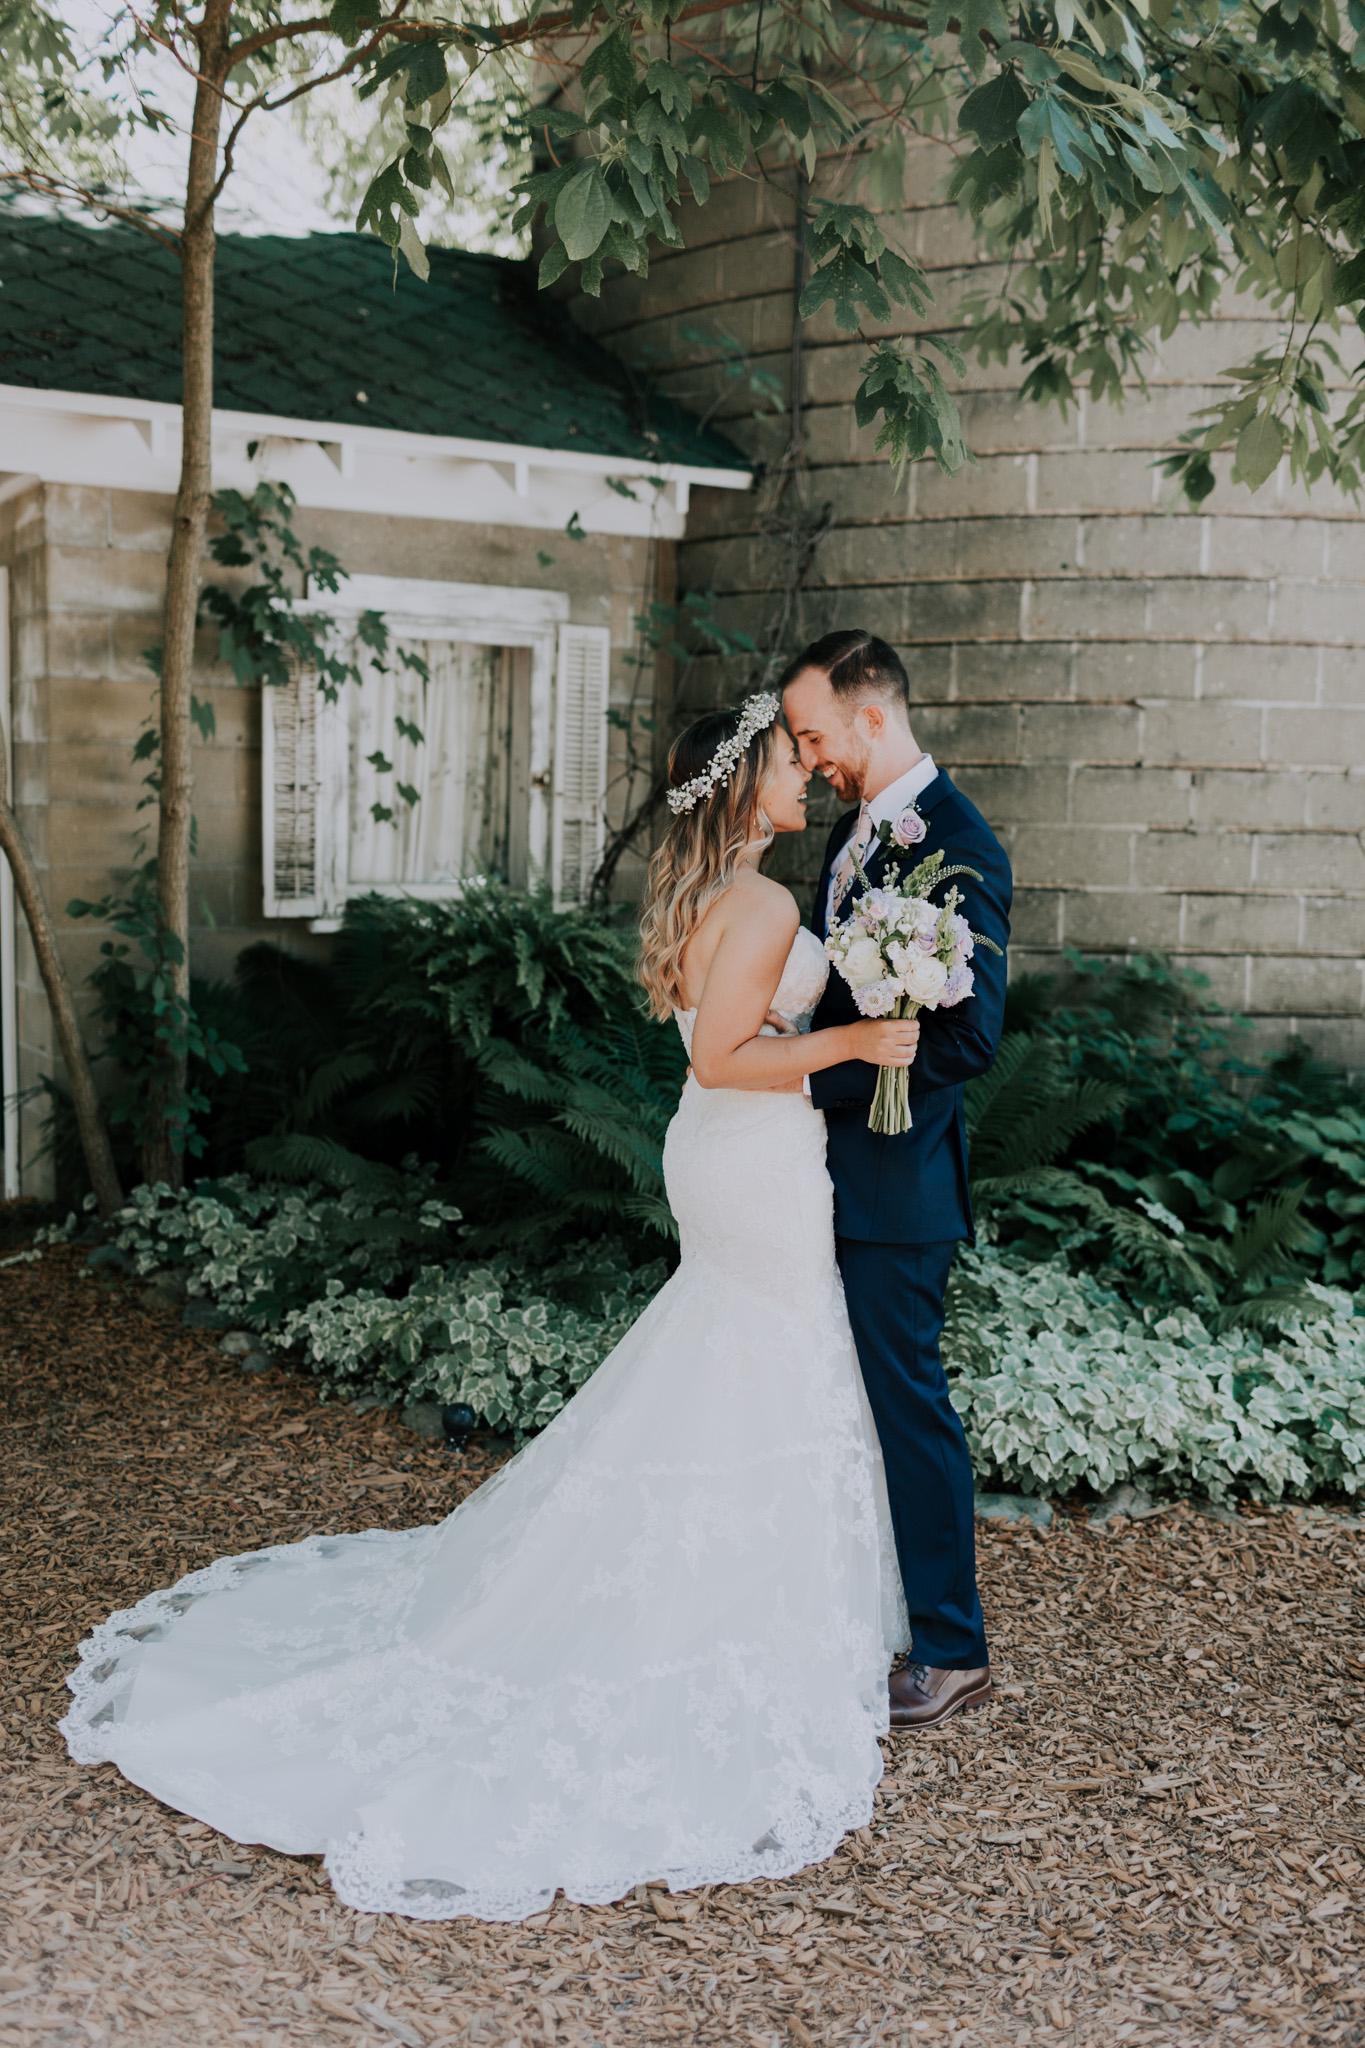 Blue-Dress-Barn-Michigan-Wedding-April-Seth-Vafa-Photo241.jpg